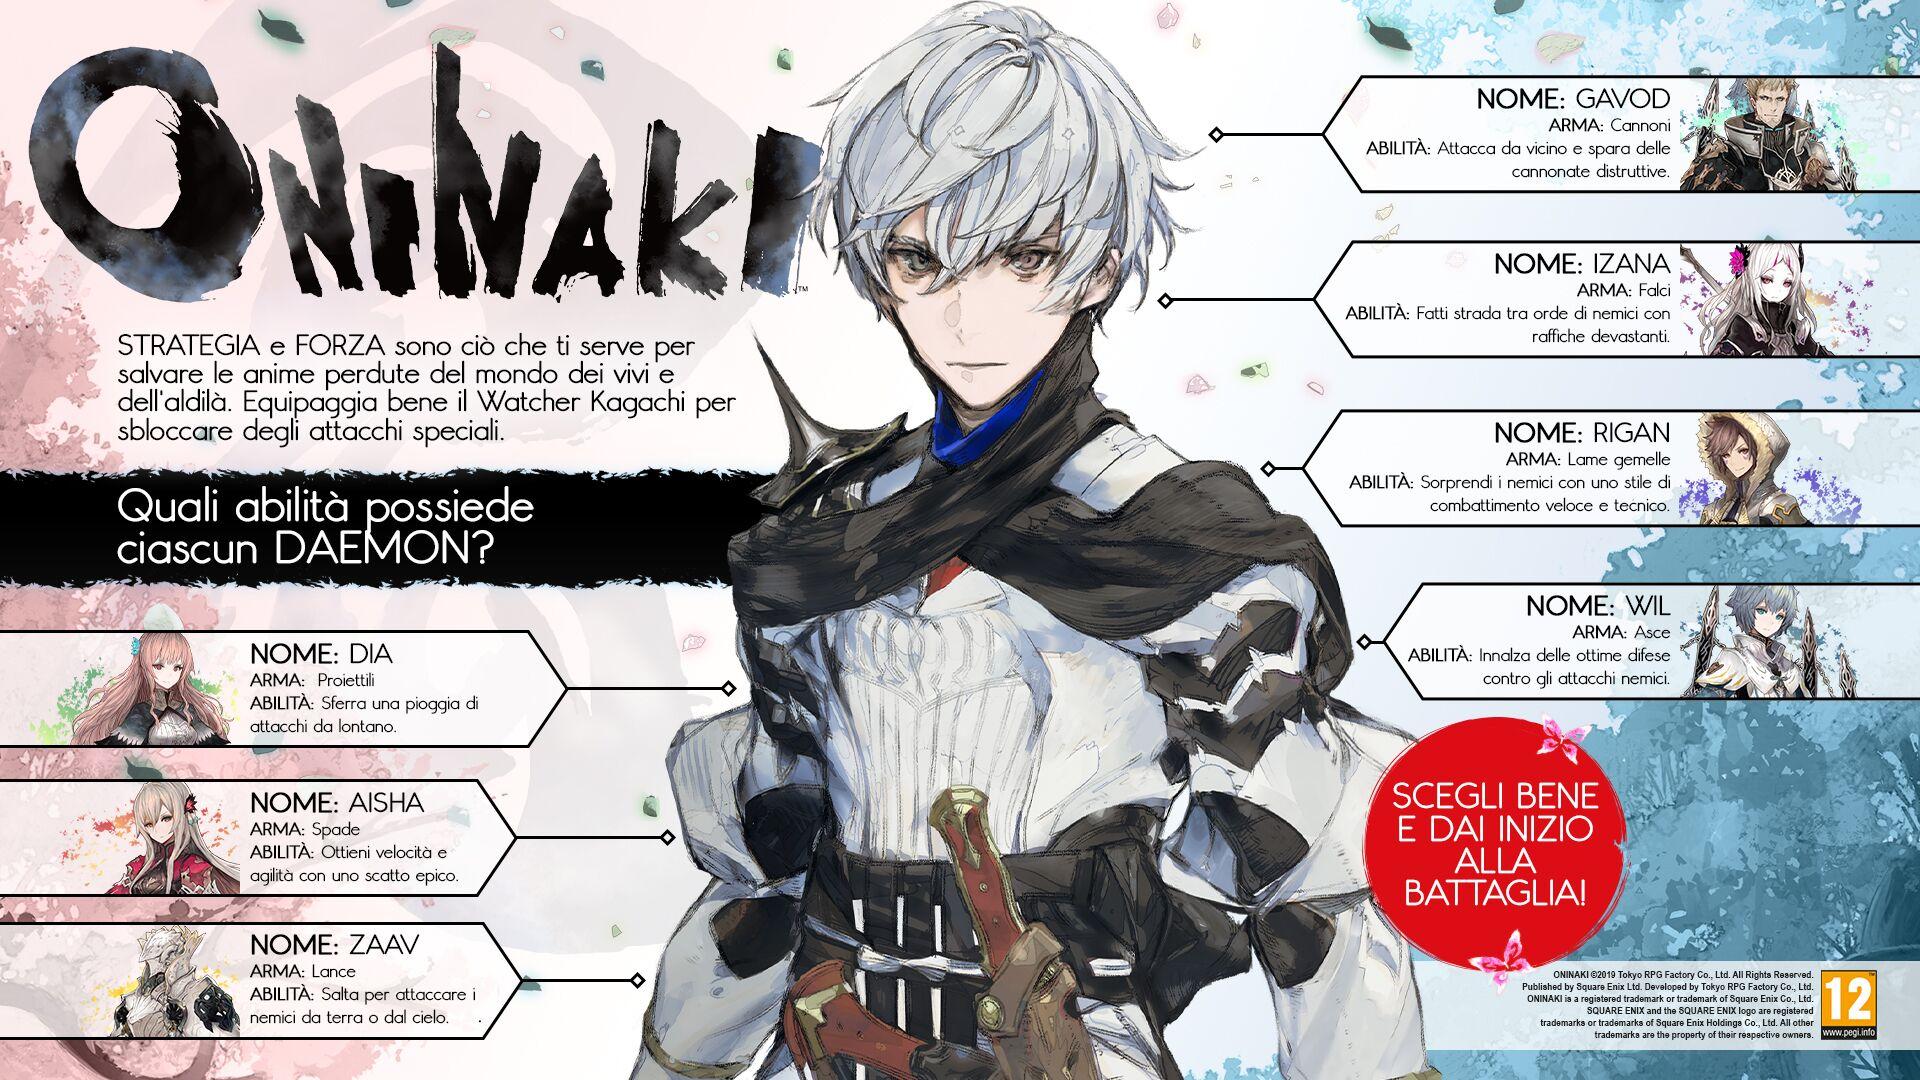 Oninaki abilità Daemon